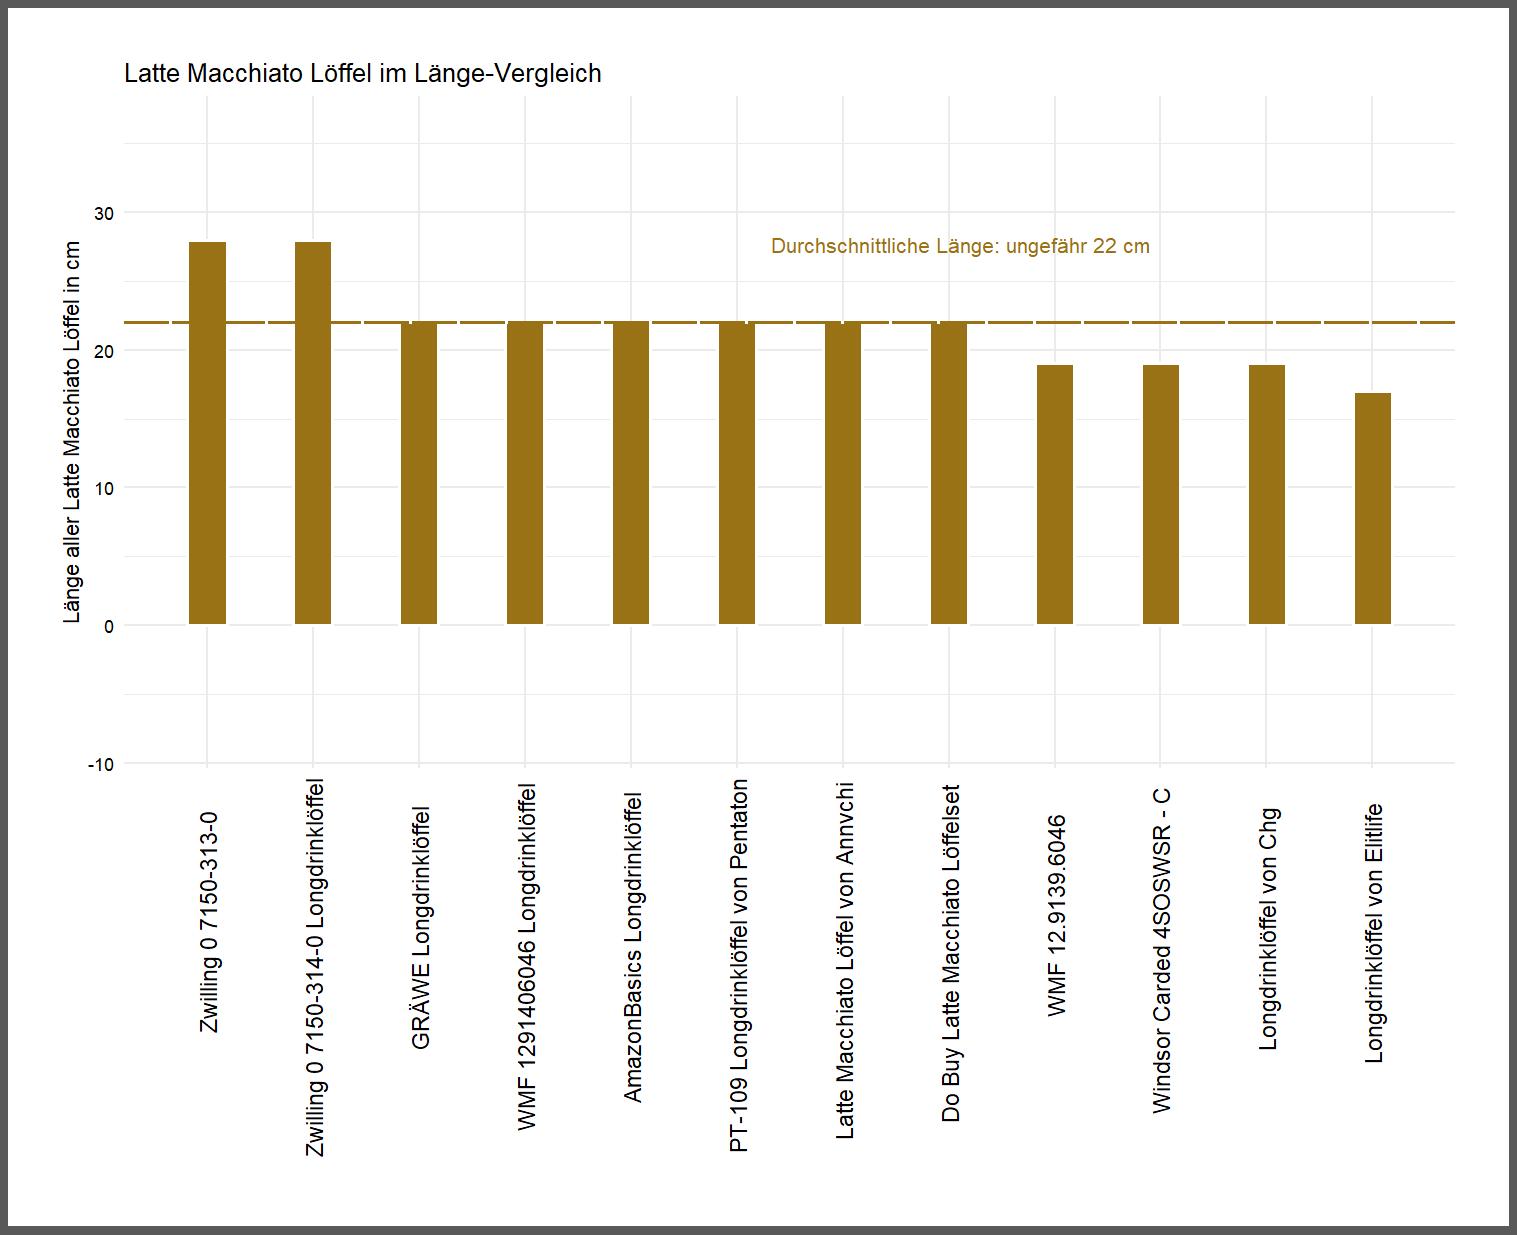 ausdifferenzierter Länge-Vergleich Latte Macchiato Löffelset Länge